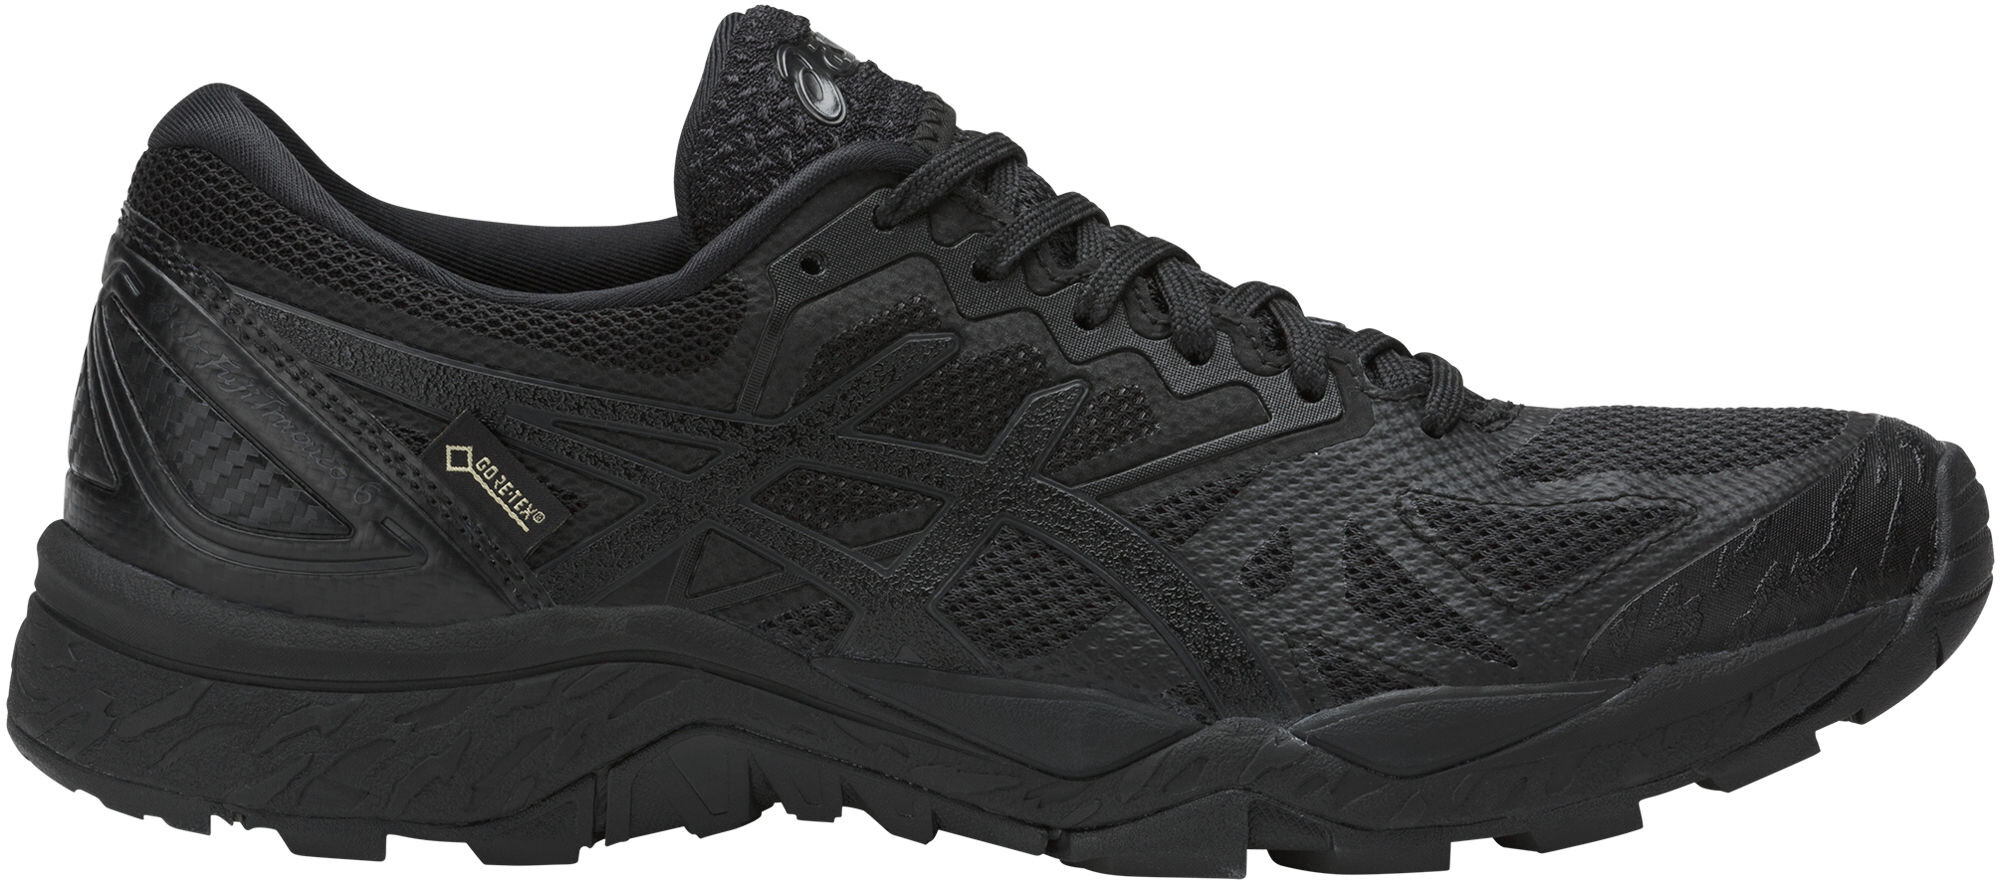 7c6f7cf5b asics Gel-Fujitrabuco 6 G-TX - Zapatillas running Mujer - negro ...